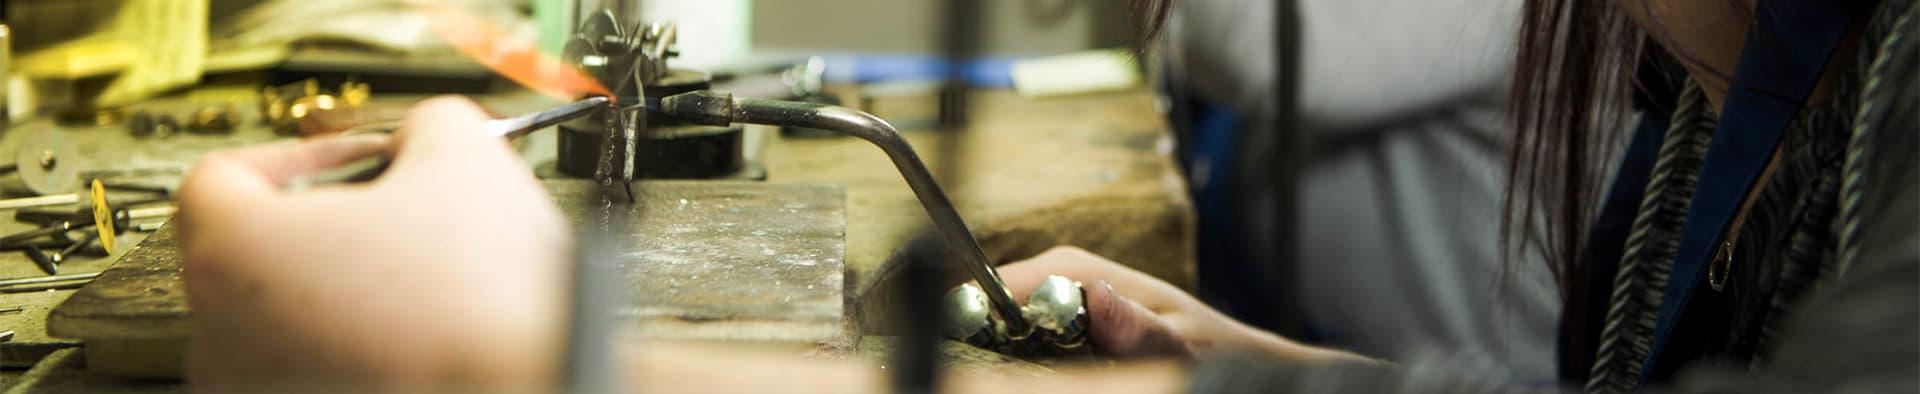 Atelier réparation de bijoux à Québec canada